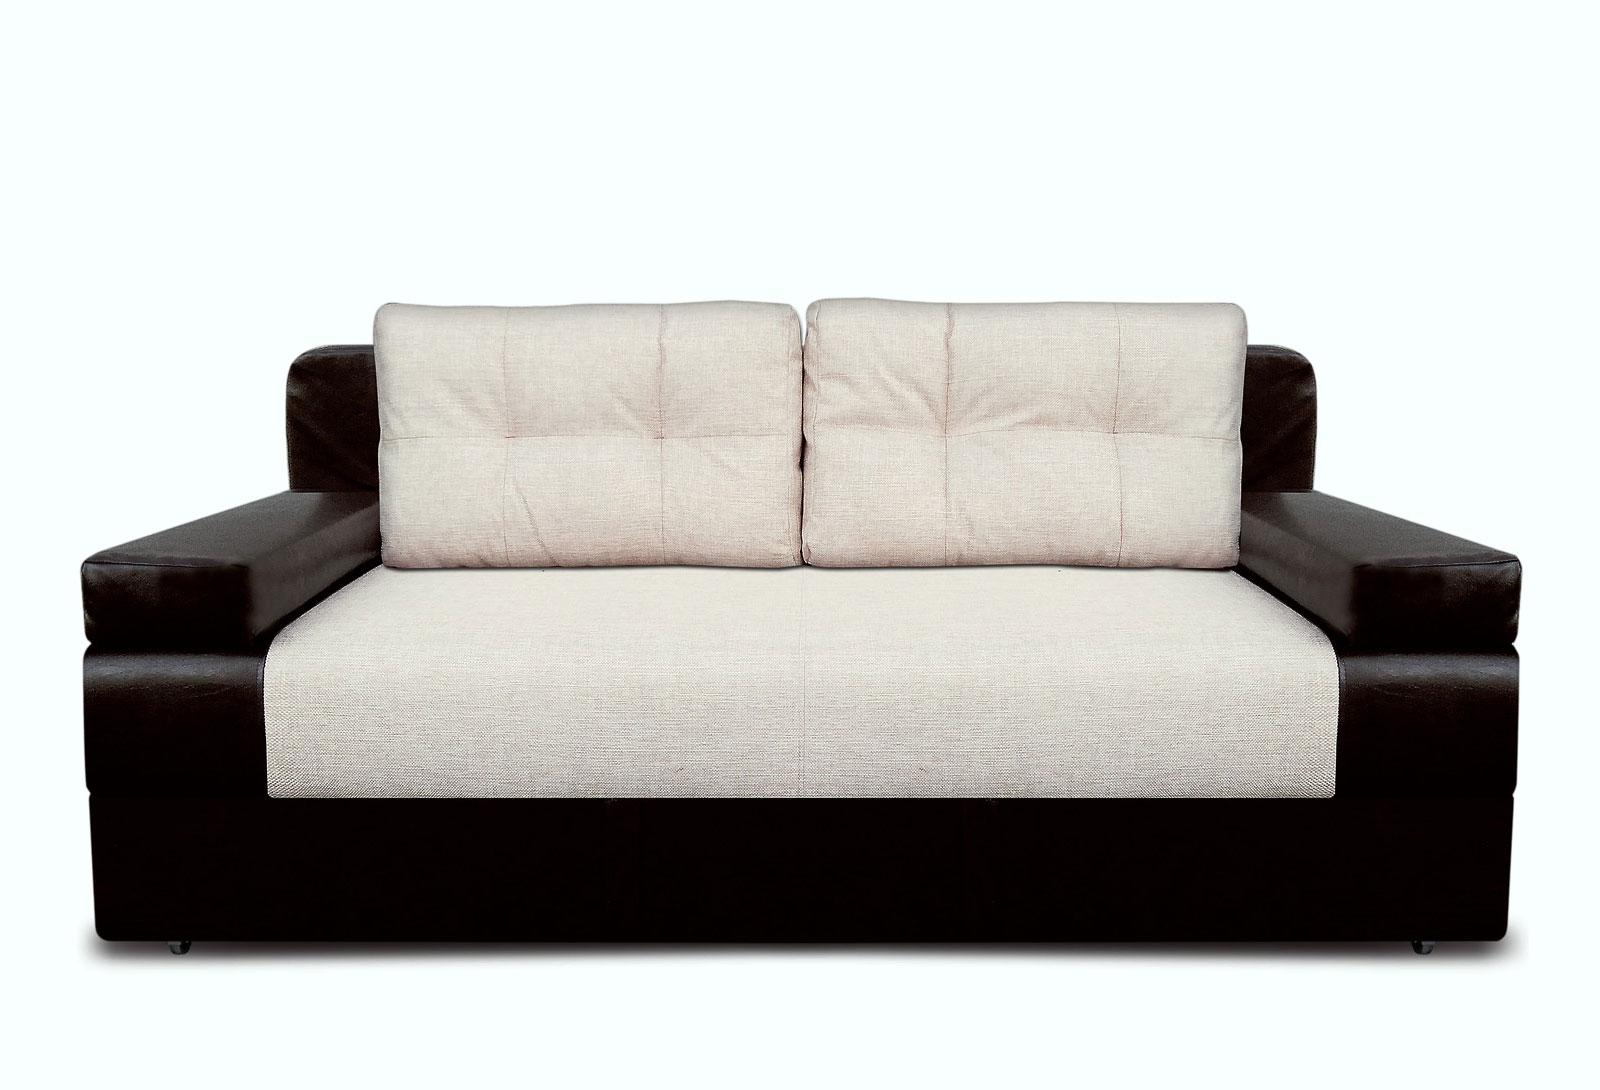 Экспертиза дивана: стоимость